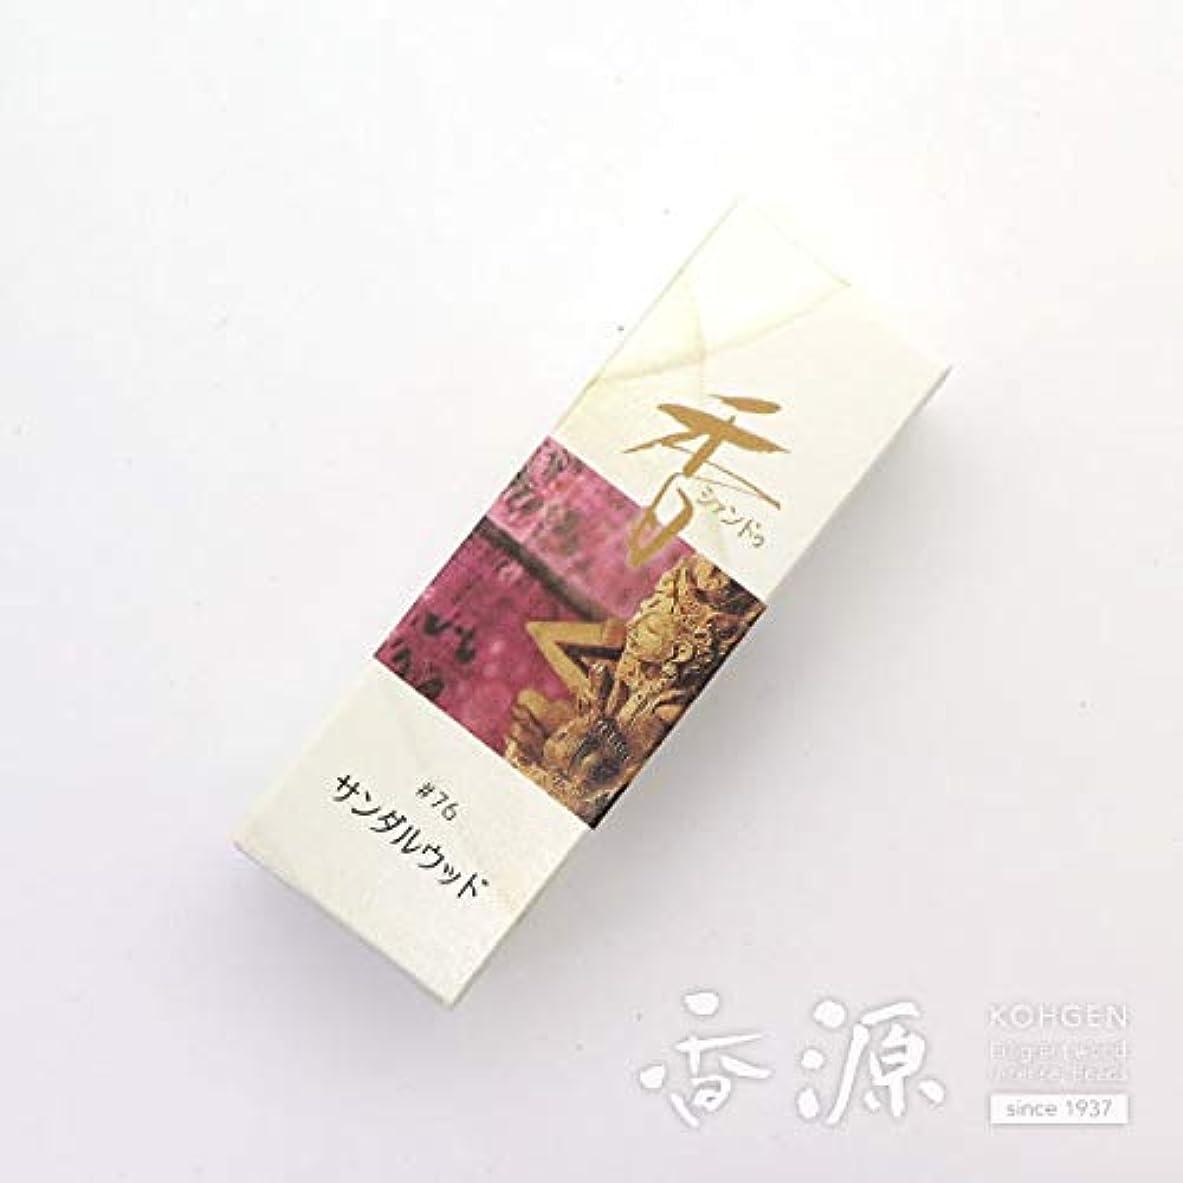 不運ピストンプレフィックス松栄堂のお香 Xiang Do サンダルウッド ST20本入 簡易香立付 #214276